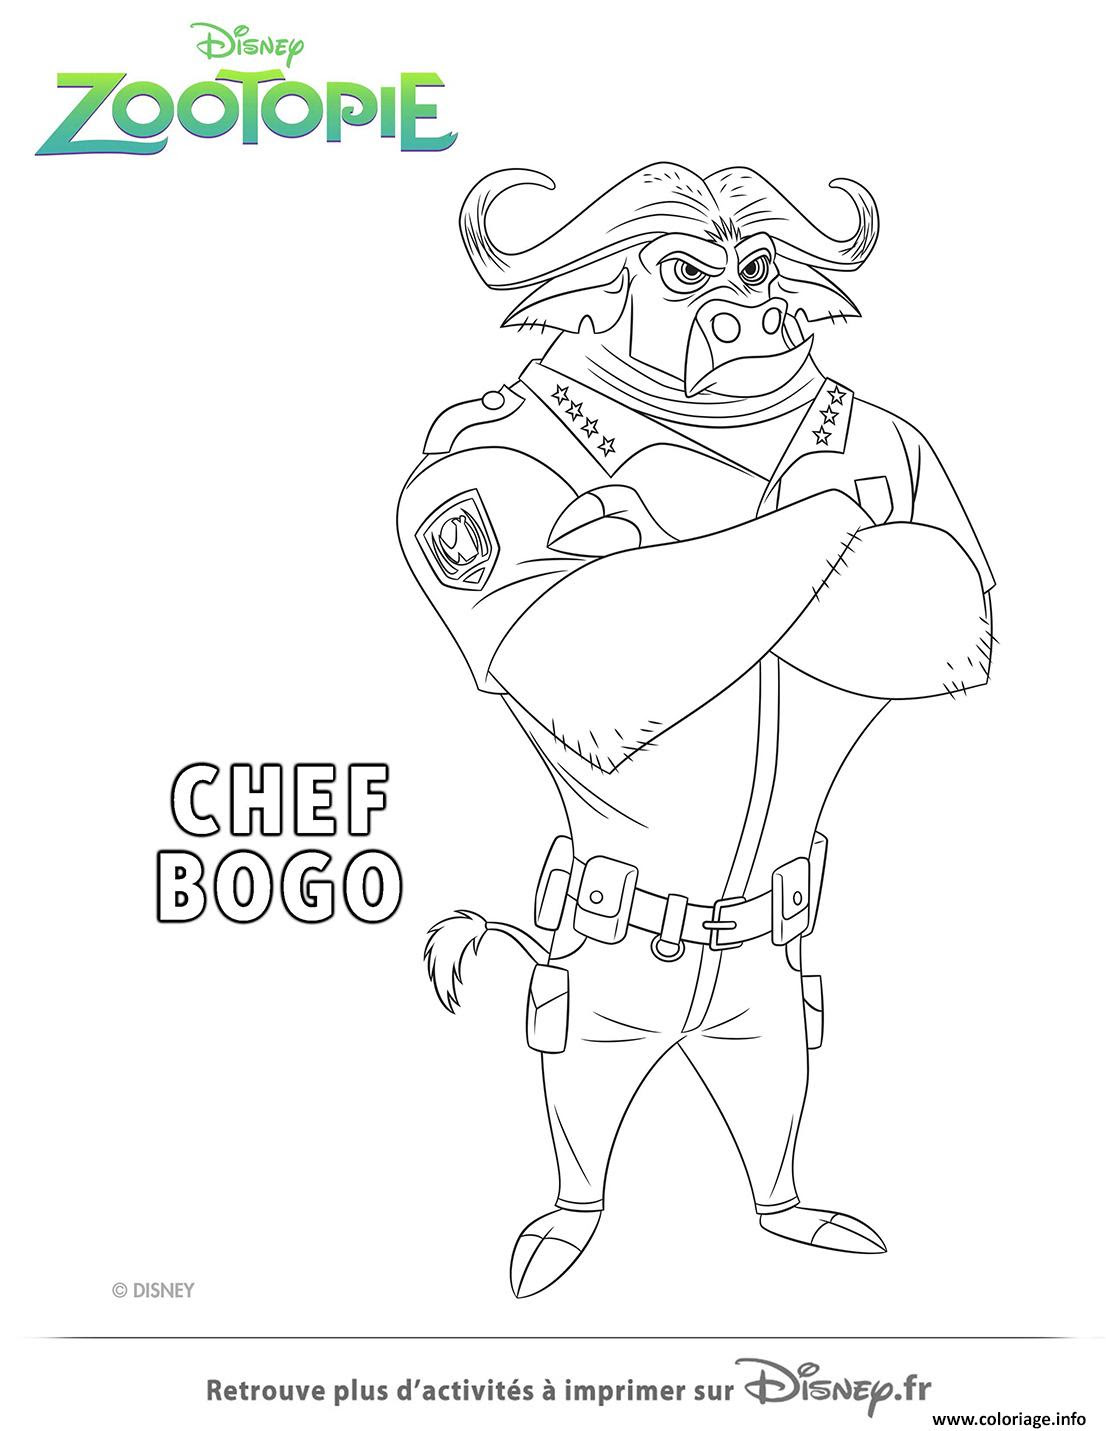 Coloriage Chef Bogo De La Police De Zootopie Dessin  Imprimer